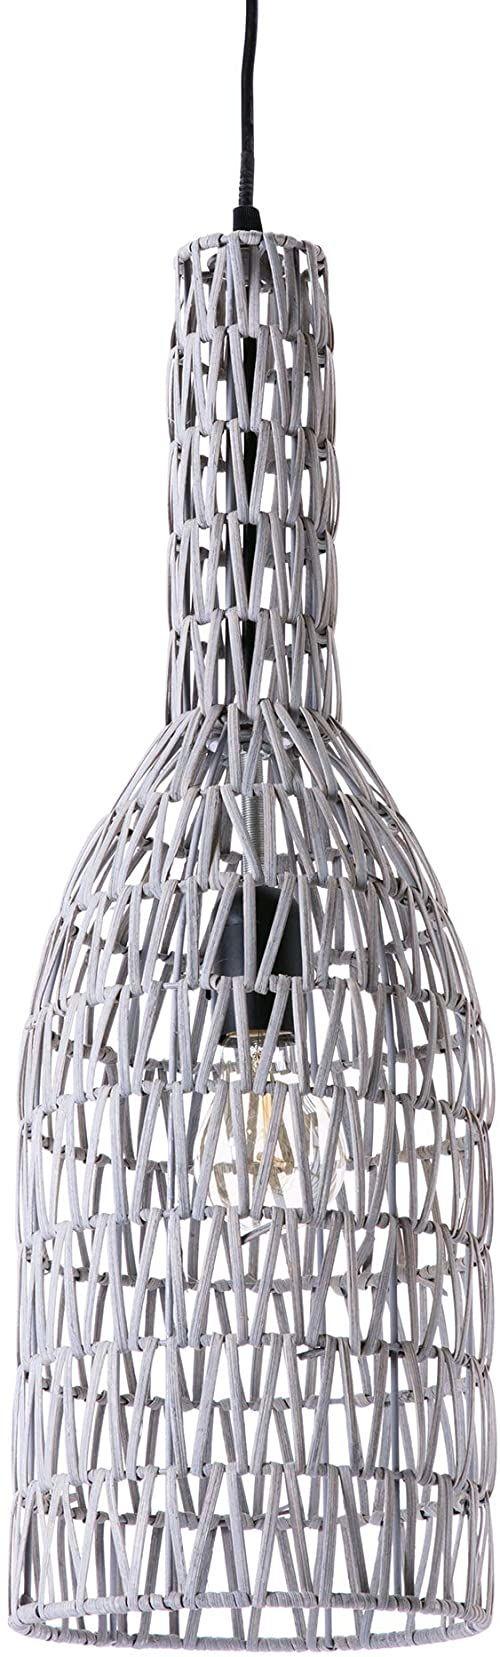 Lussiol 250271 lampa wisząca, rattan, 60 W, szara, ø 15 x wys. 60 cm